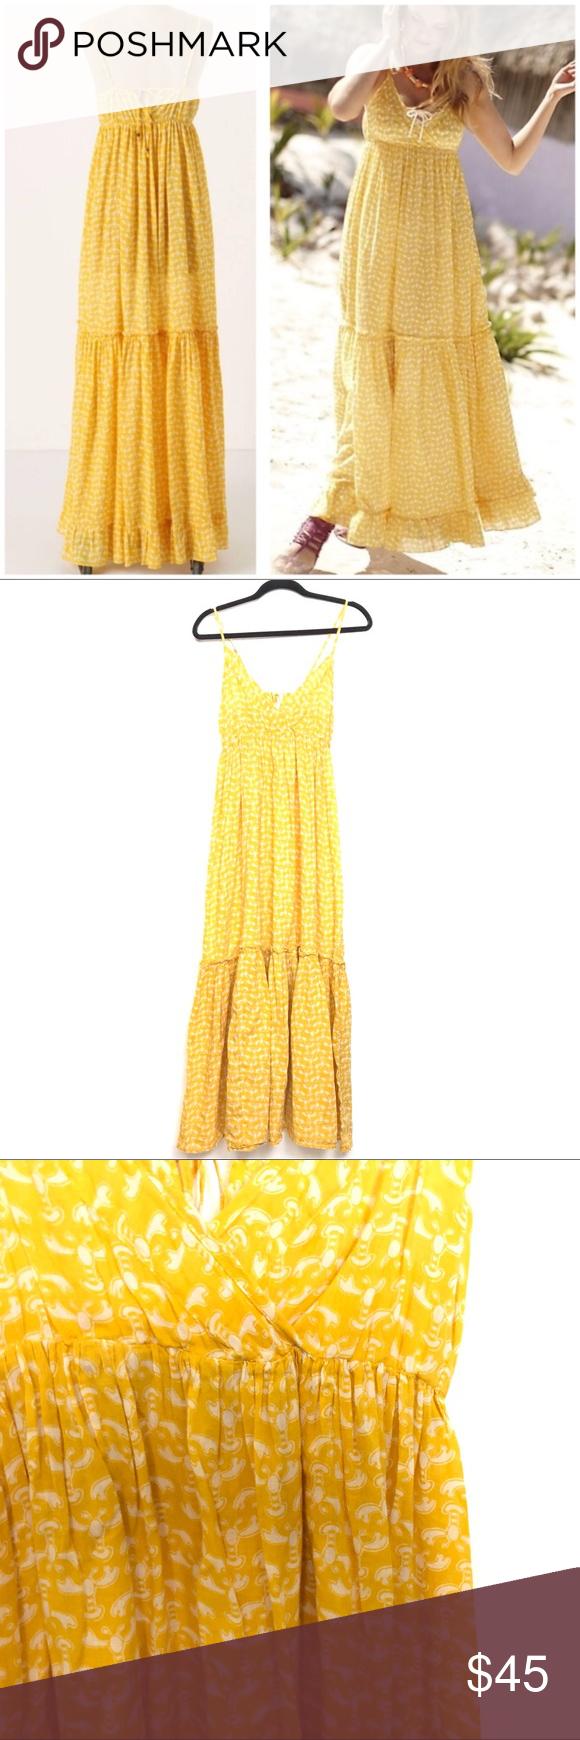 bfb3b3c330e0d Anthropology Dresses. Anthro Porridge Lobster Bake Maxi Chemise Dress  Anthro Porridge Womens Sz M Lobster Bake Yellow Chemise